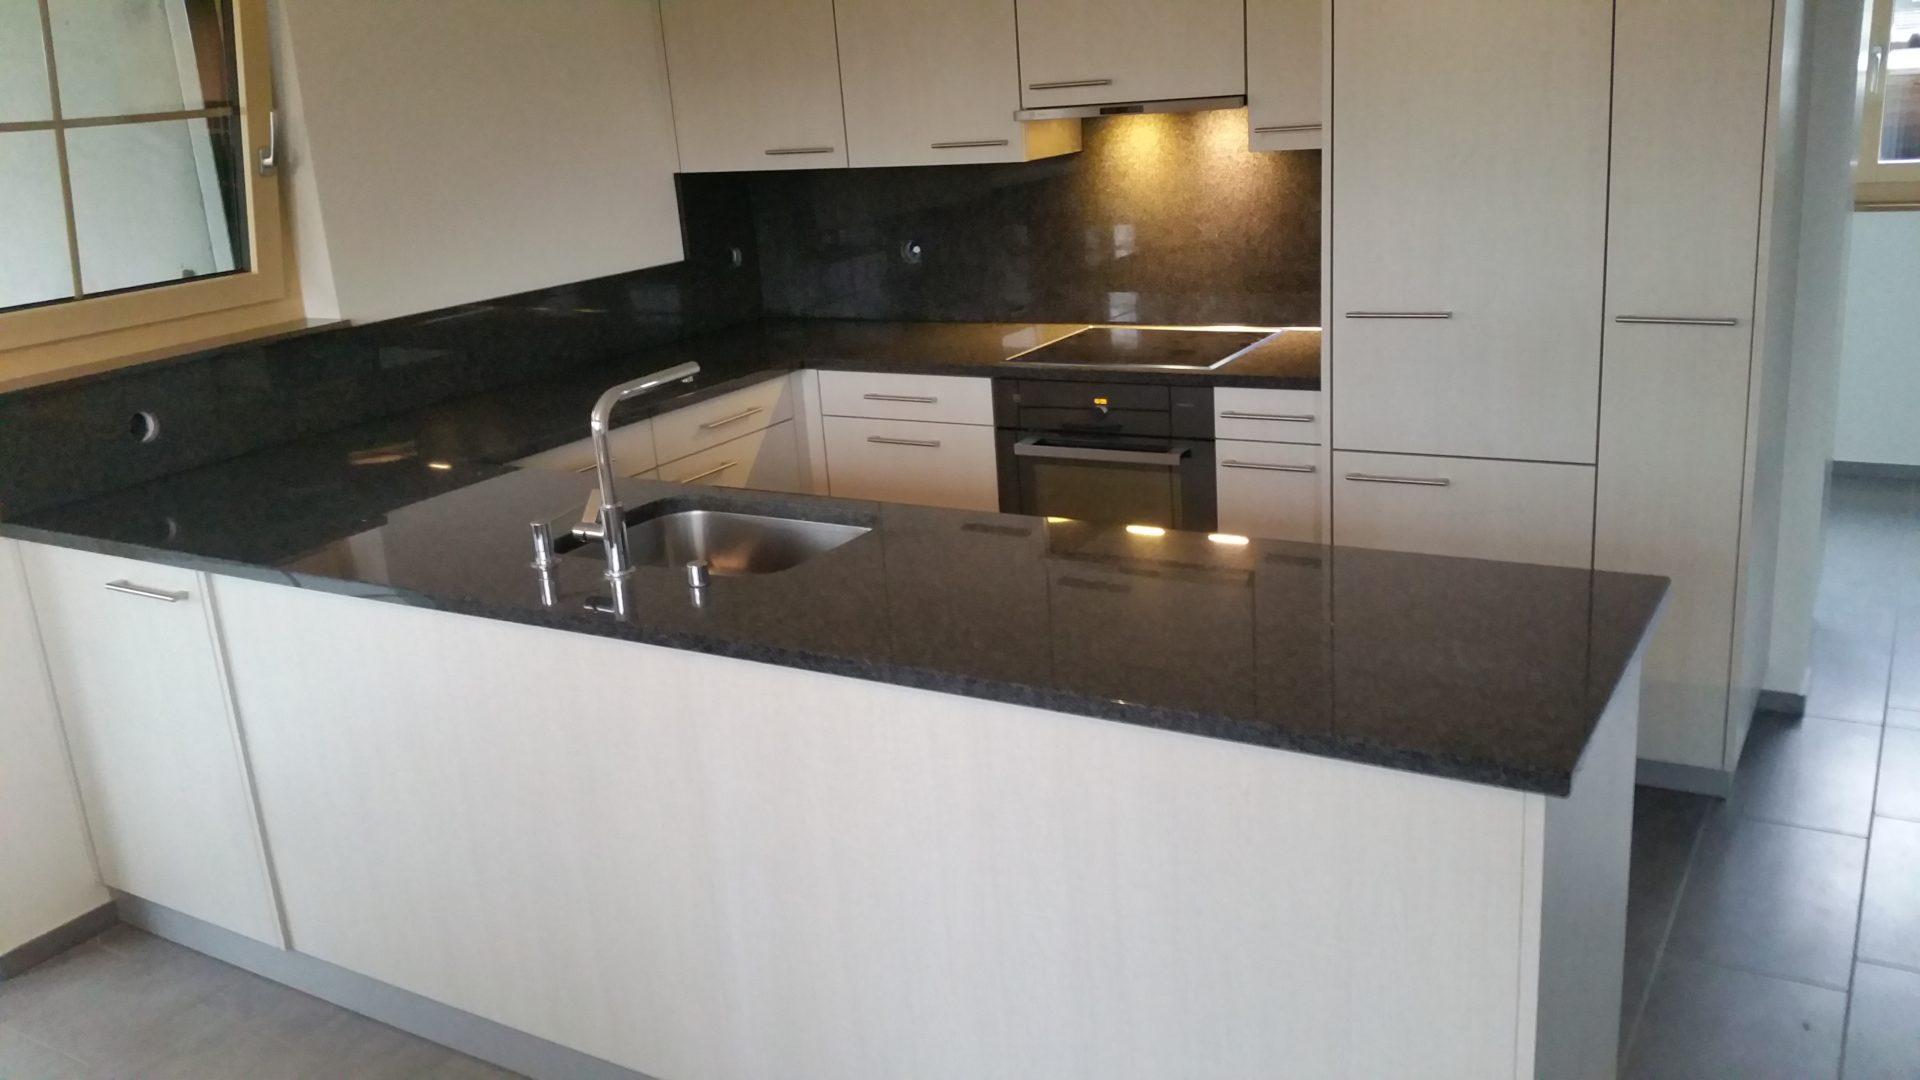 Outdoorküche Mit Spüle Reparieren : Granitplatte küche reparieren küche arbeitsplatte granit grau